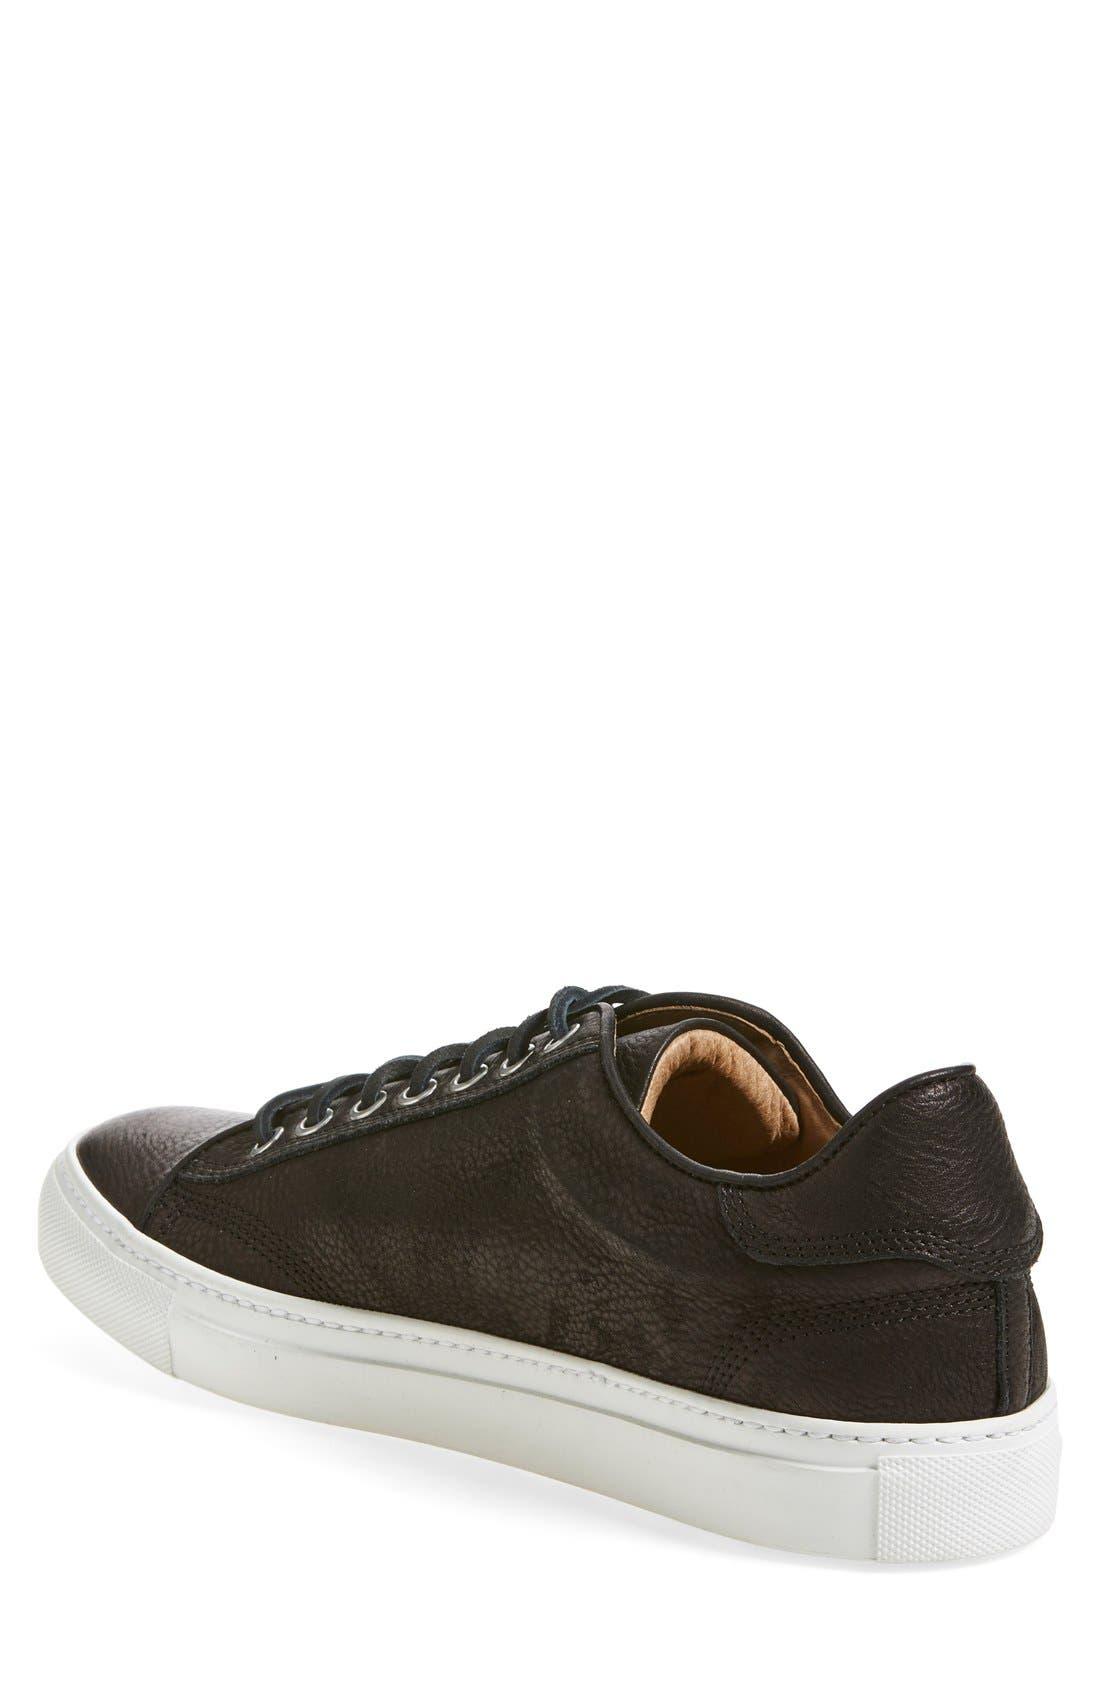 Low Top Sneaker,                             Alternate thumbnail 4, color,                             003